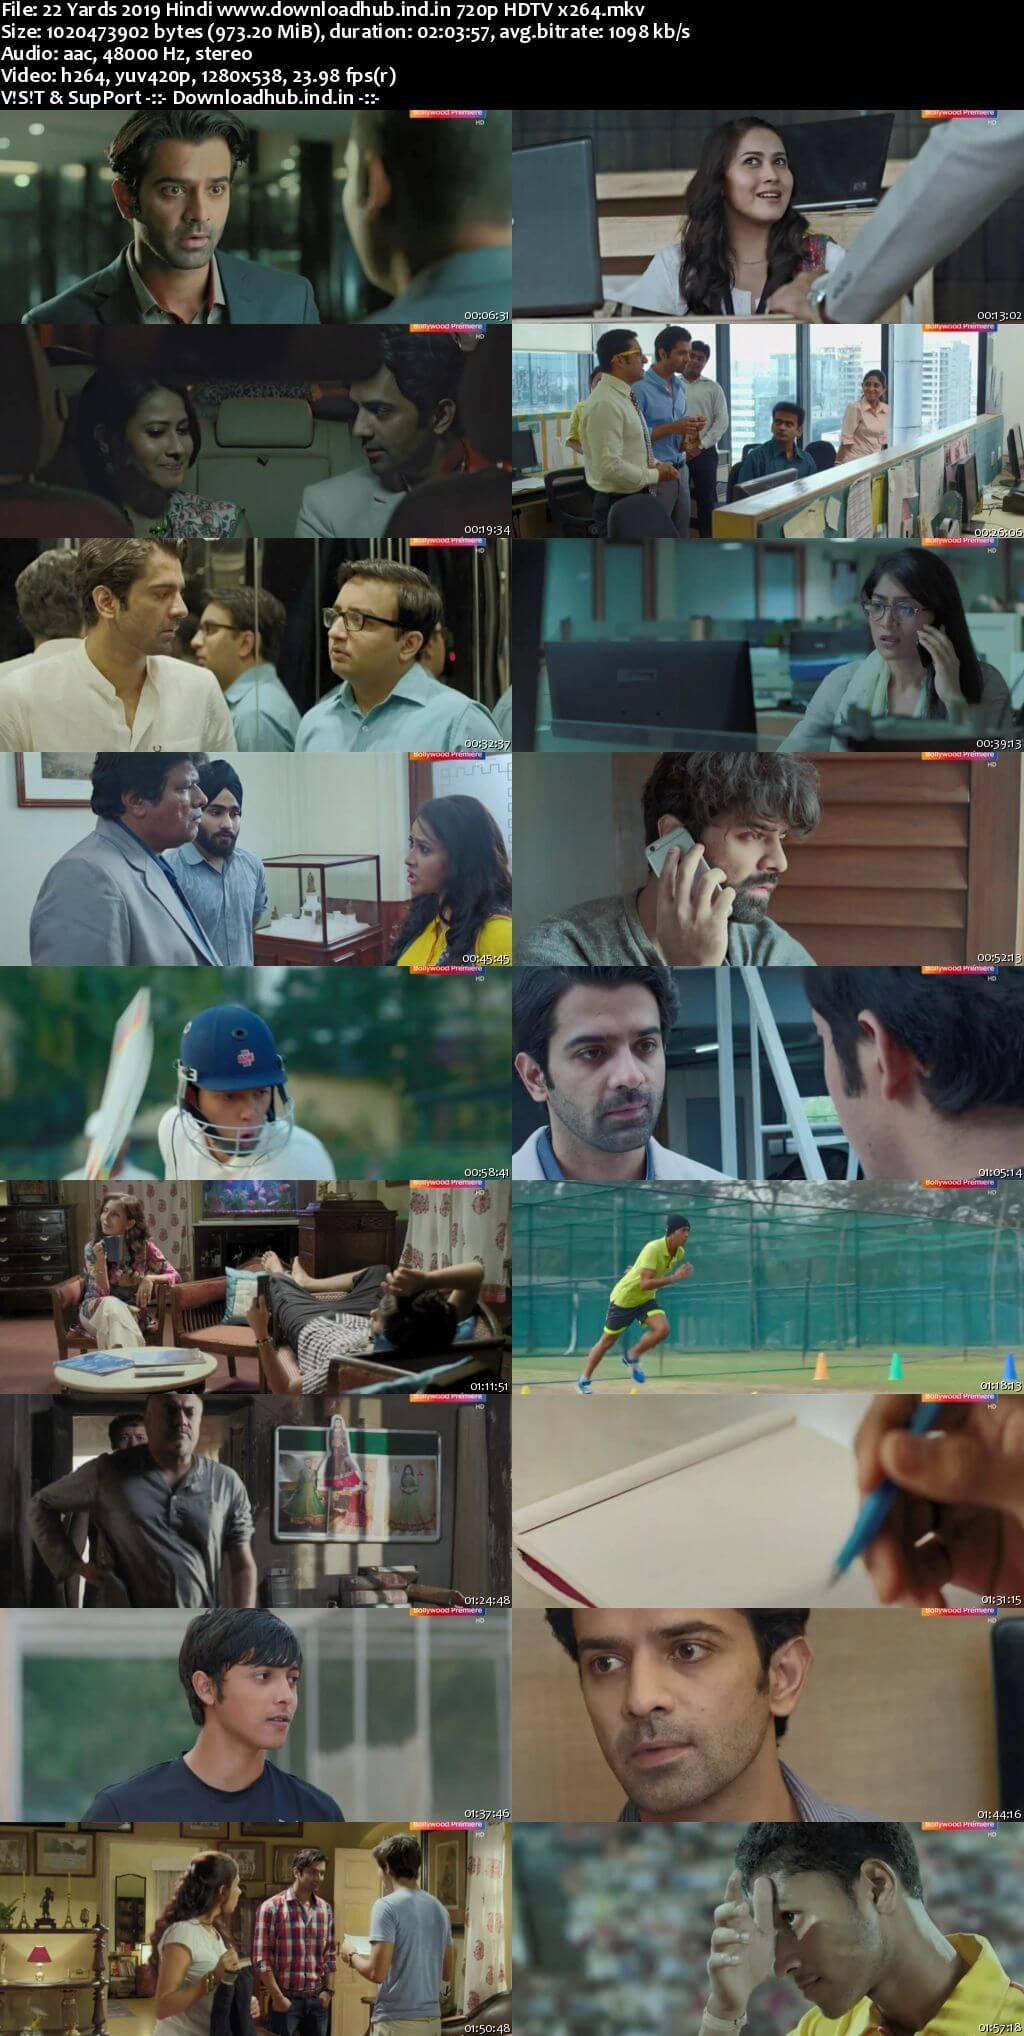 22 Yards 2019 Hindi 720p HDTV x264